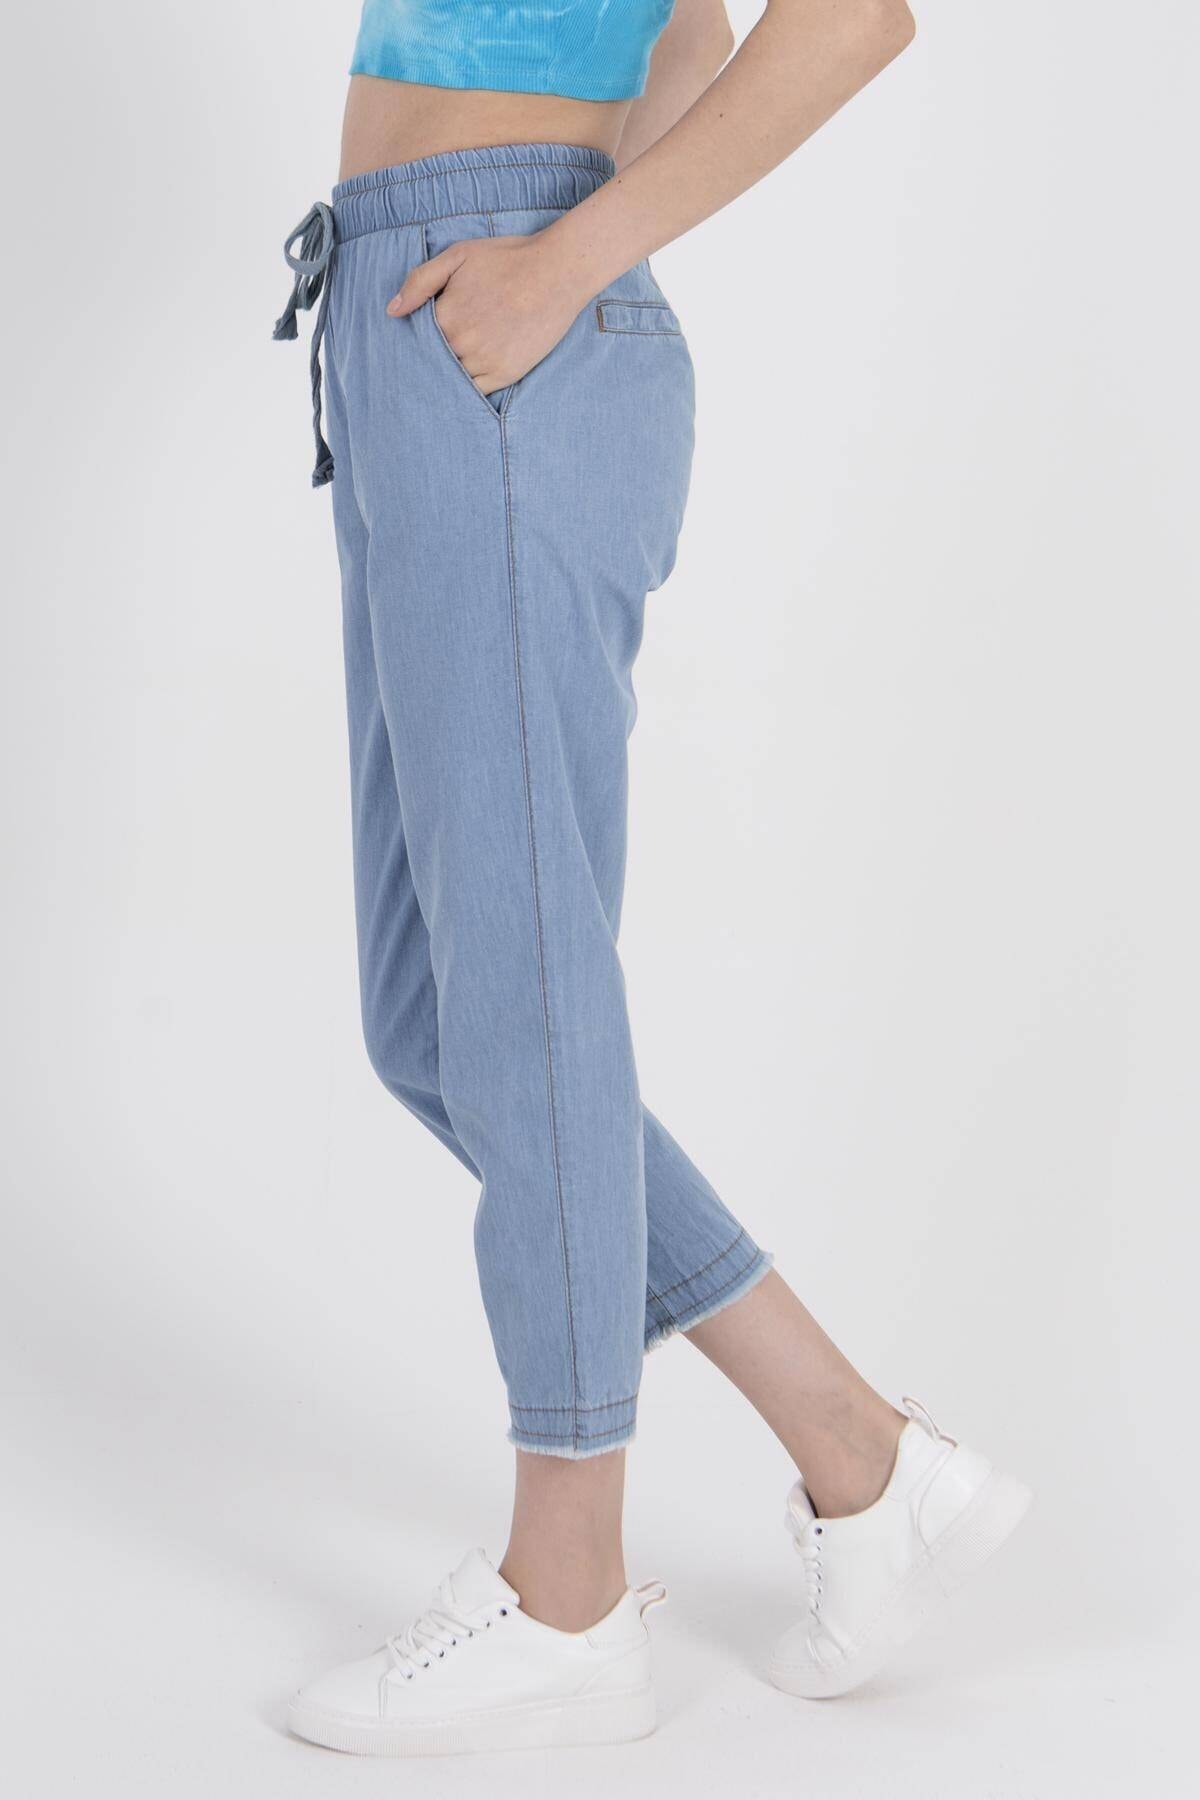 Addax Kadın Açık Kot Rengi Önden Bağlamalı Pantolon PN4317 - PNE ADX-0000022956